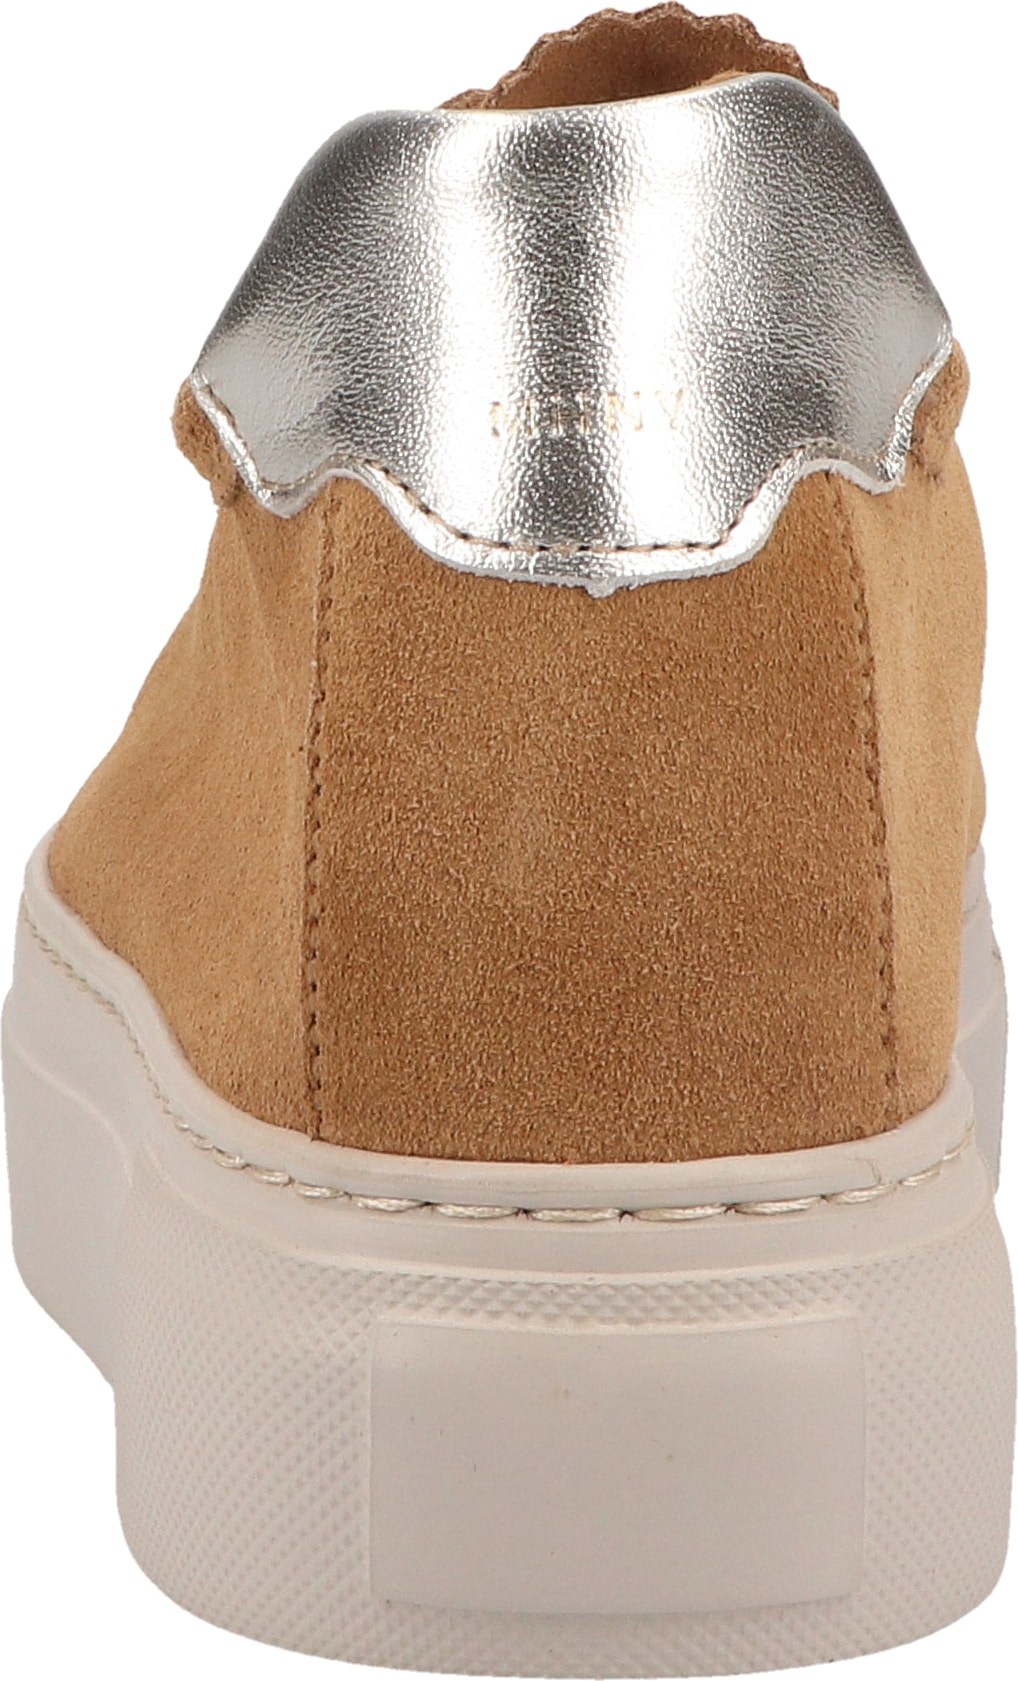 mahony -  Sneaker Leder